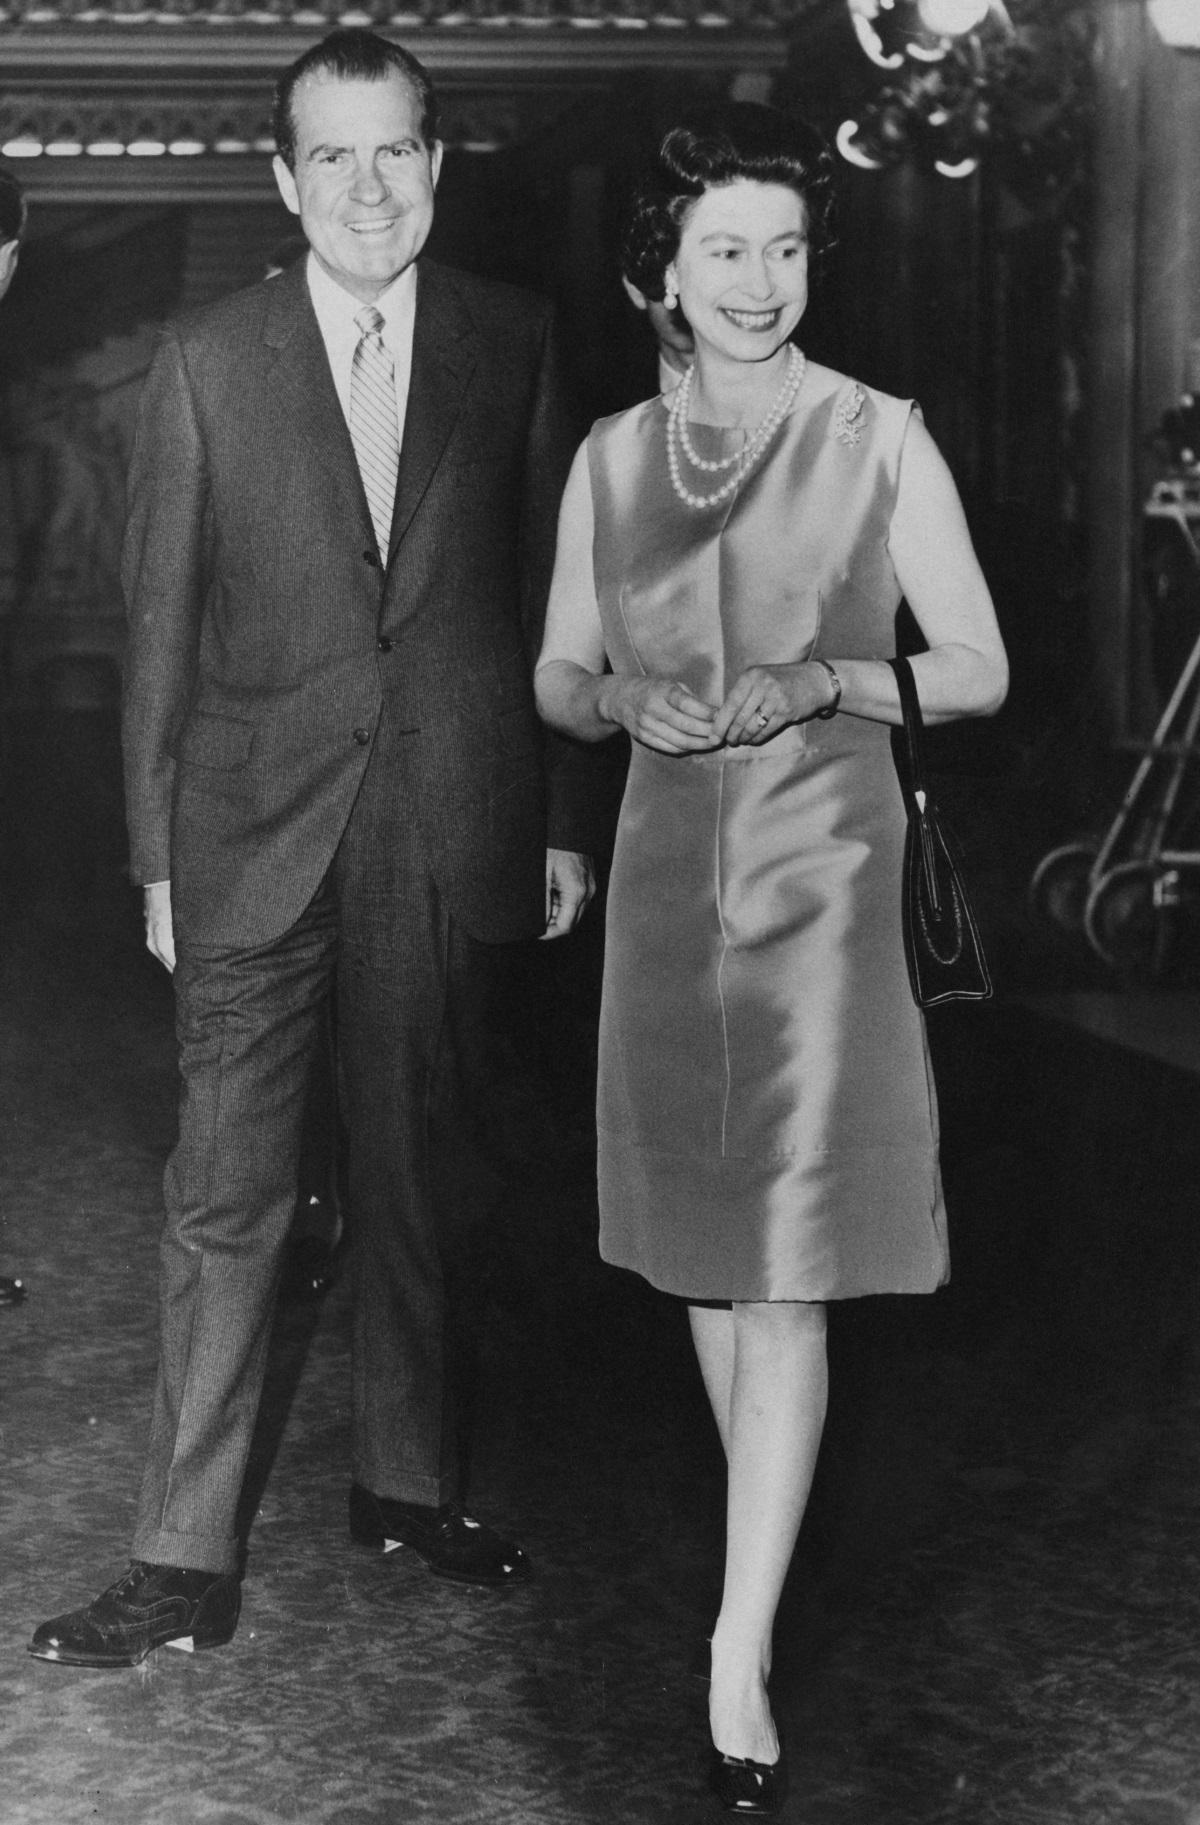 4. Ричард Никсънепрезидент на САЩот1969до1974г.Никсън е известен със своята външна политика, особено спрямоСъветския съюзиКитай, както и с това, че слага край наВиетнамската война. Среща се с кралица Елизабет през 1970 г.